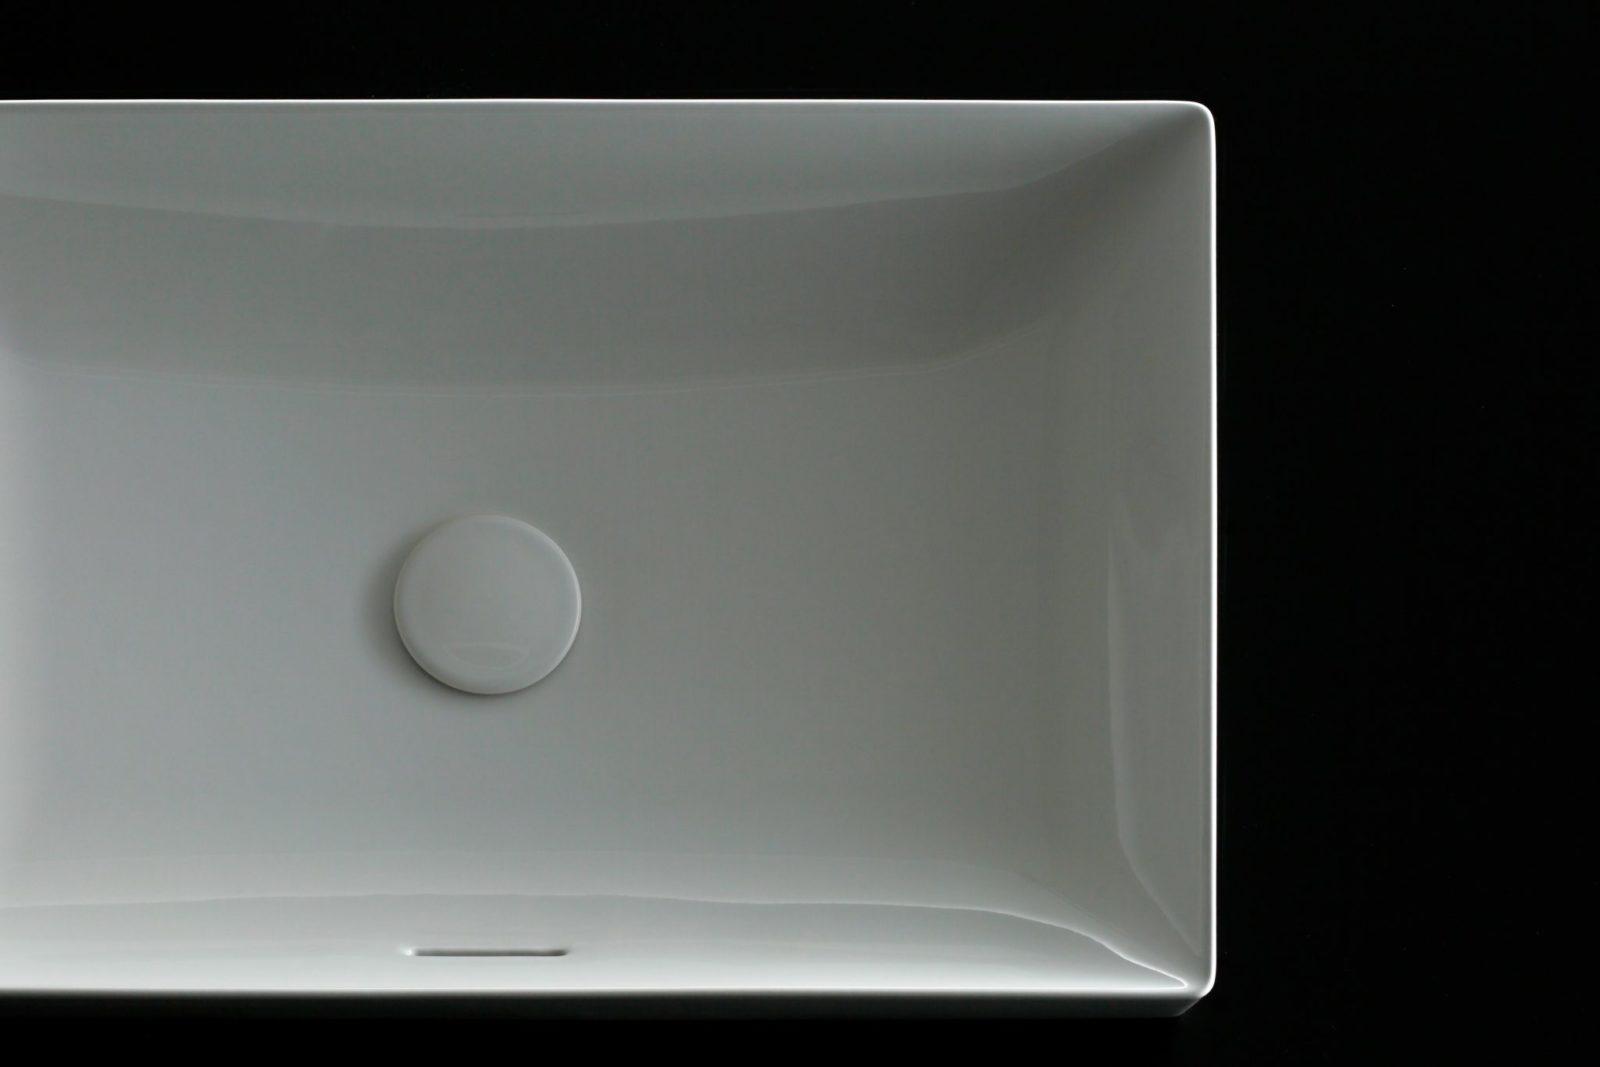 TOTO Раковина Linear Ceram накладная  600 мм, без отверстия под излив, с переливом, с квадратным вентилем